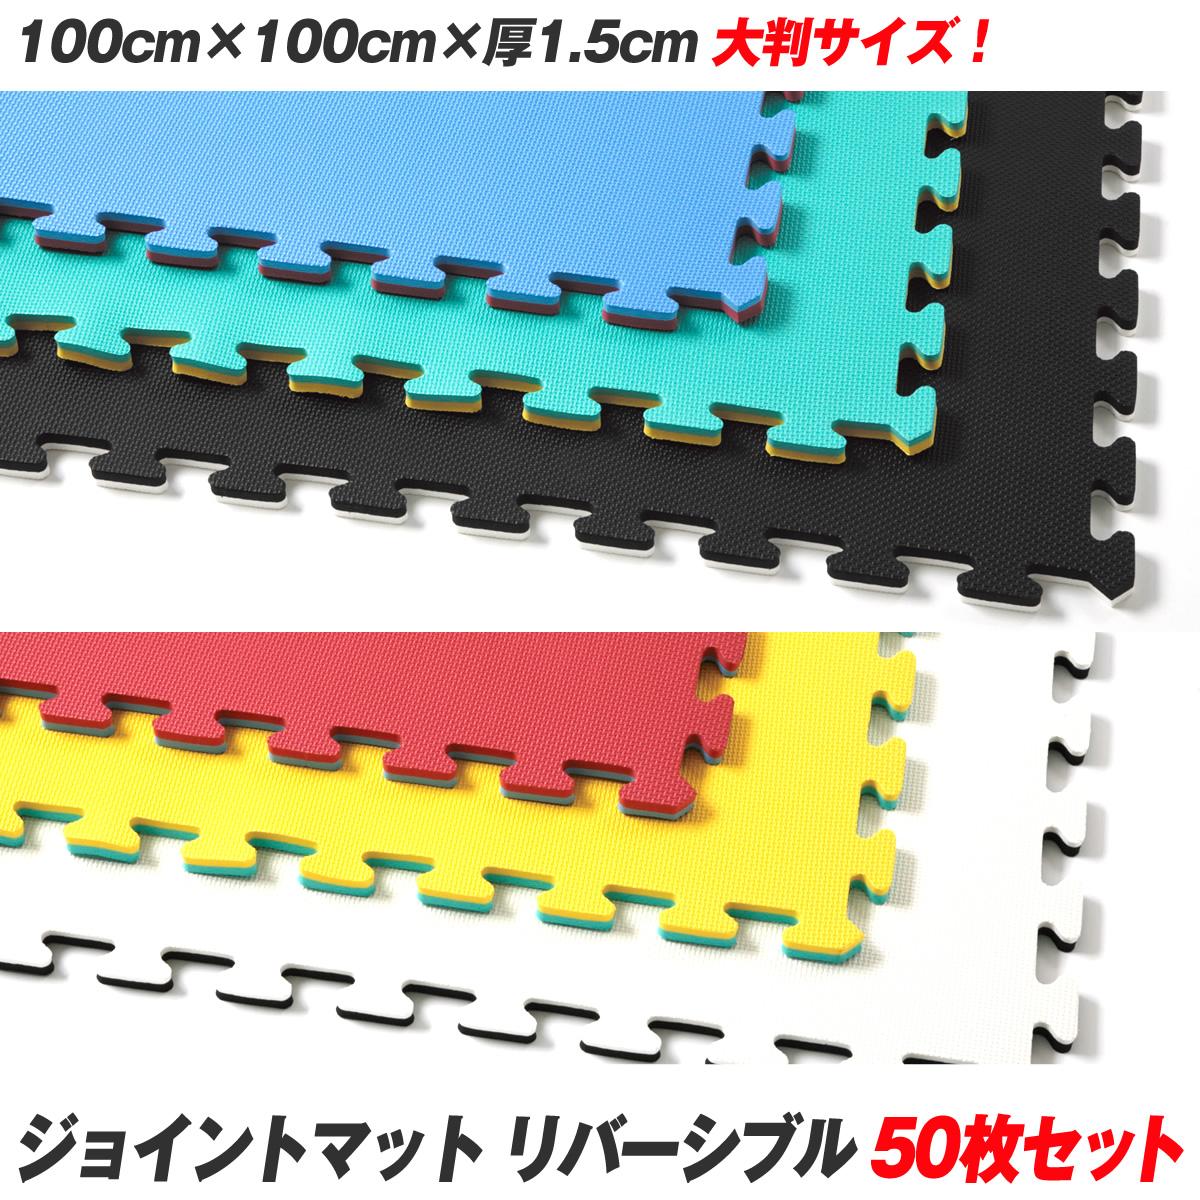 ジョイントマット リバーシブル 50枚セット / 100cm×100cm×厚1.5cm 大判 厚手 フリーカット 防音 トレーニング